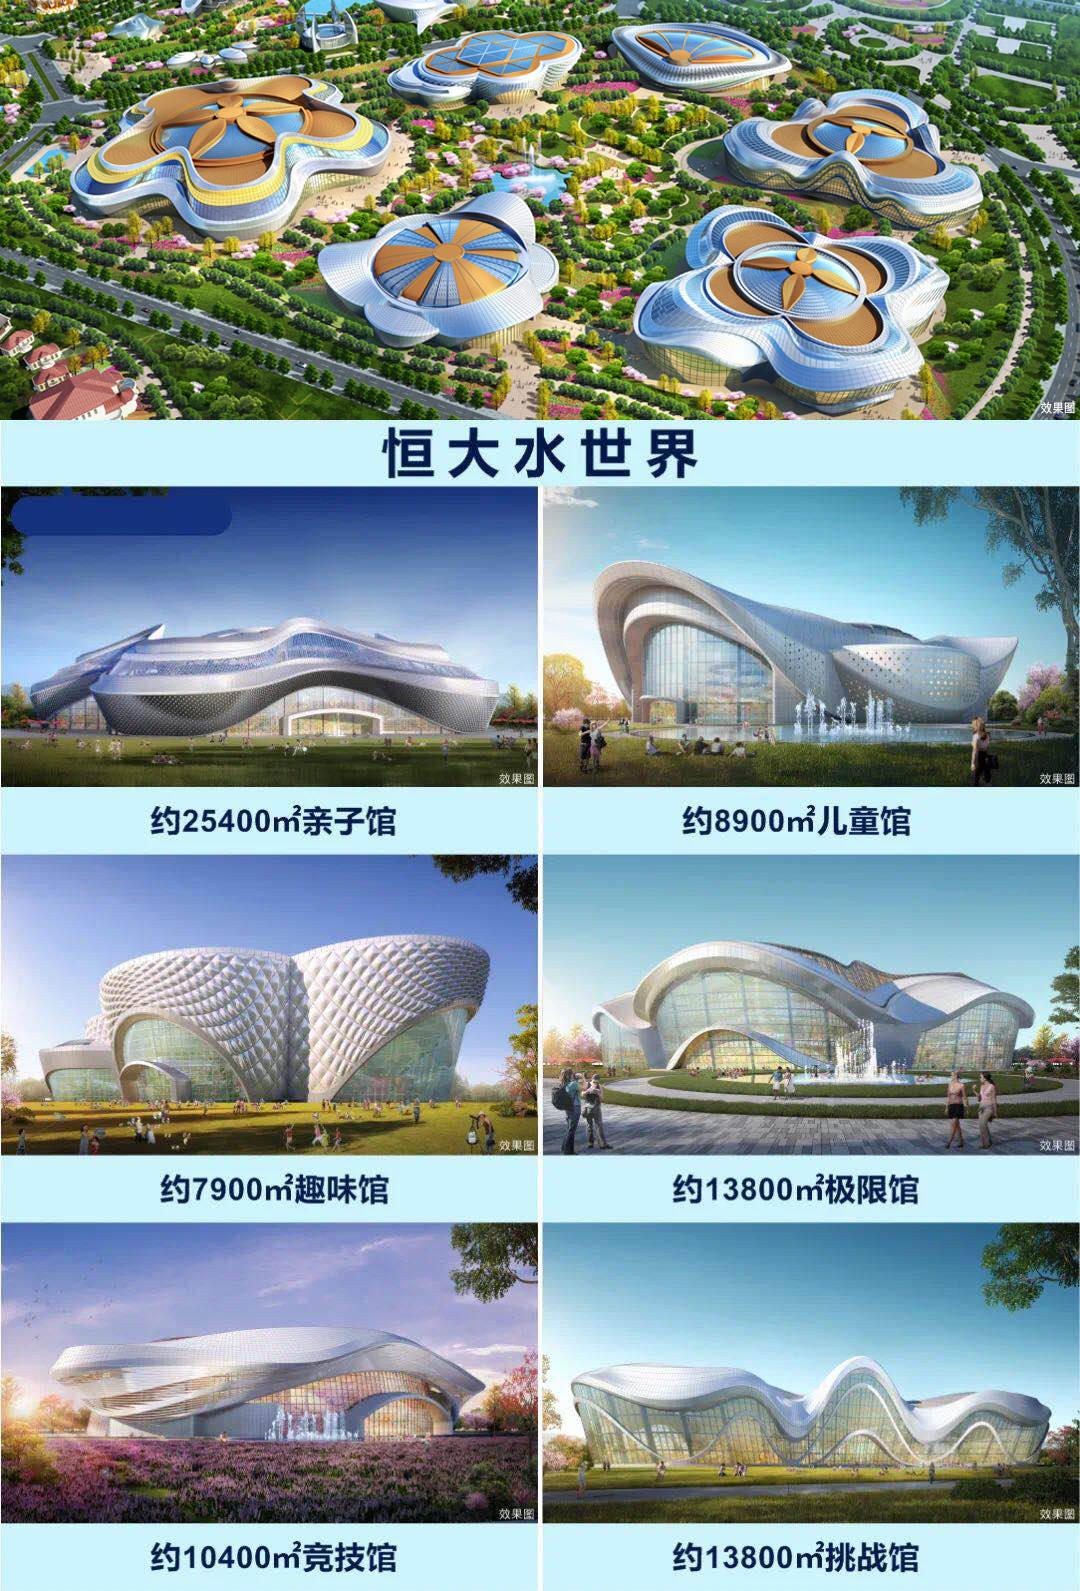 岁末置业首选,宁滁恒大文化旅游康养城1月17日抄底首开